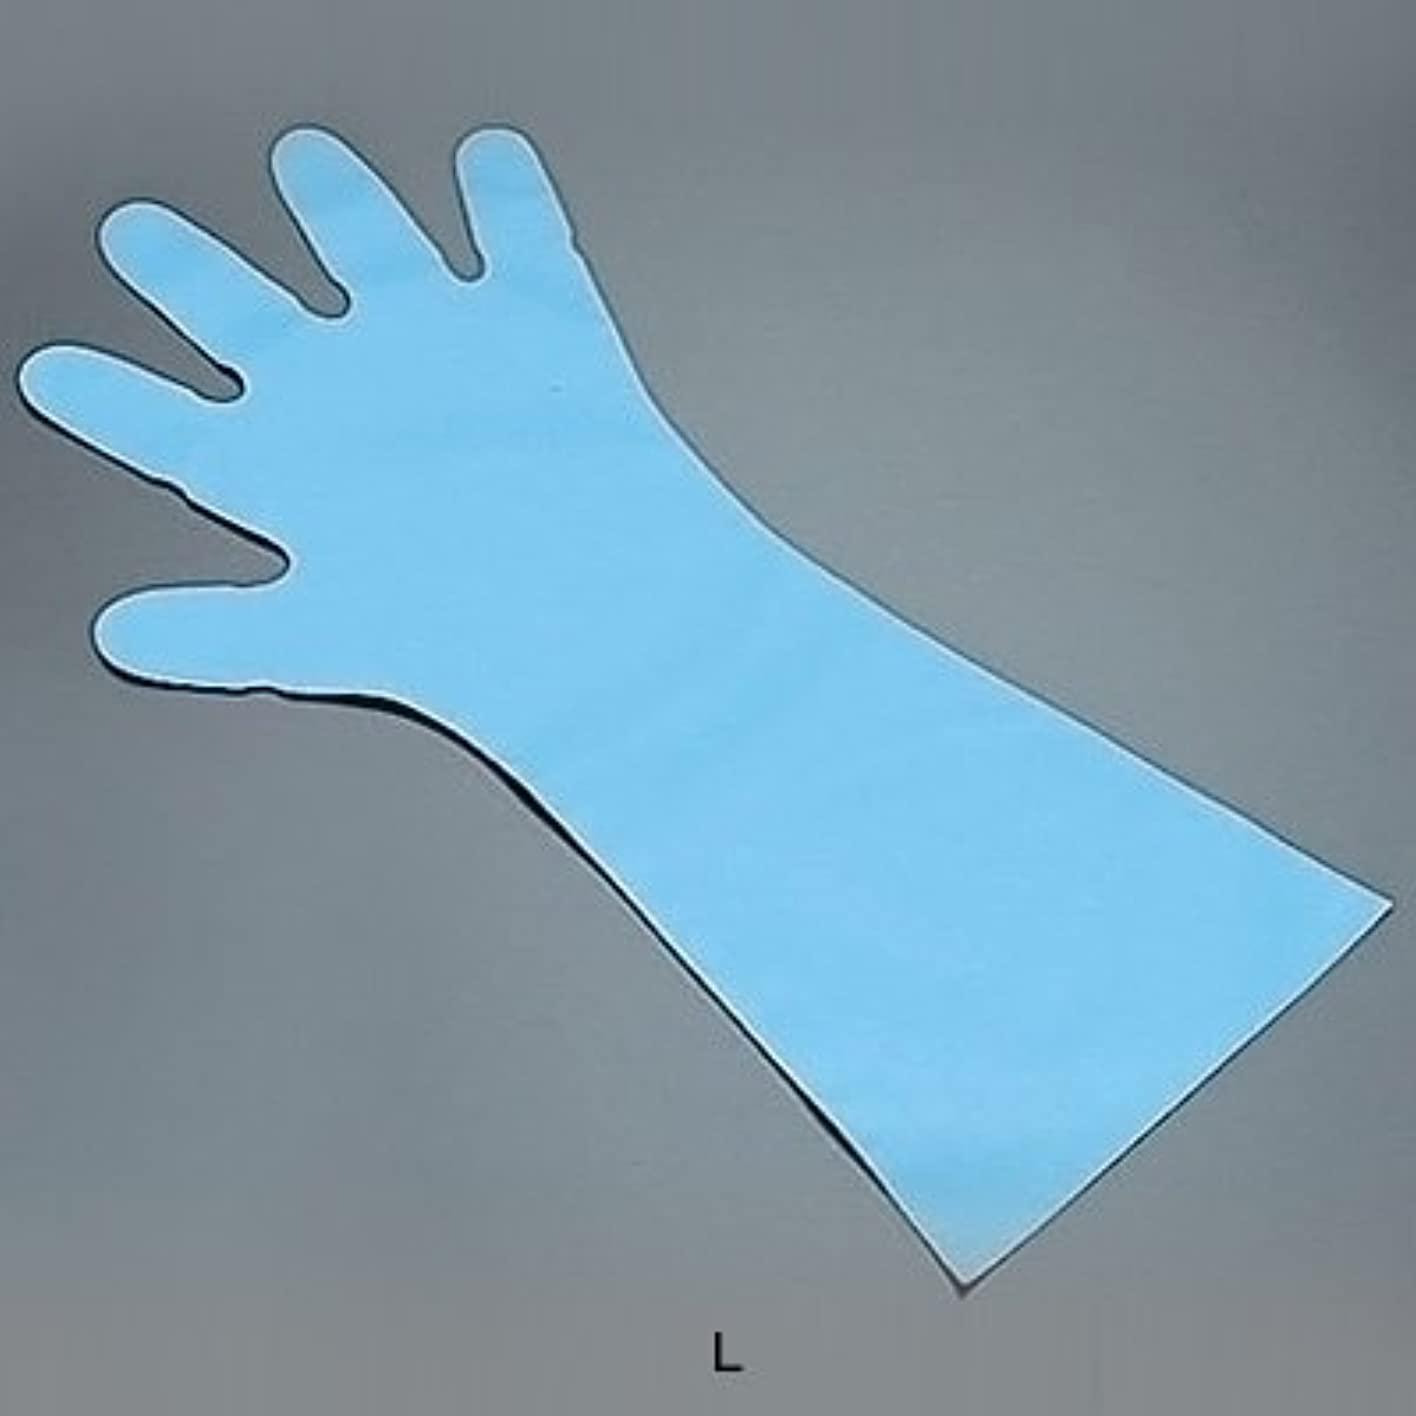 緑規定動物エンボス手袋 五本絞り ロング#50 (1袋50枚入) L 全長45cm <ブルー>